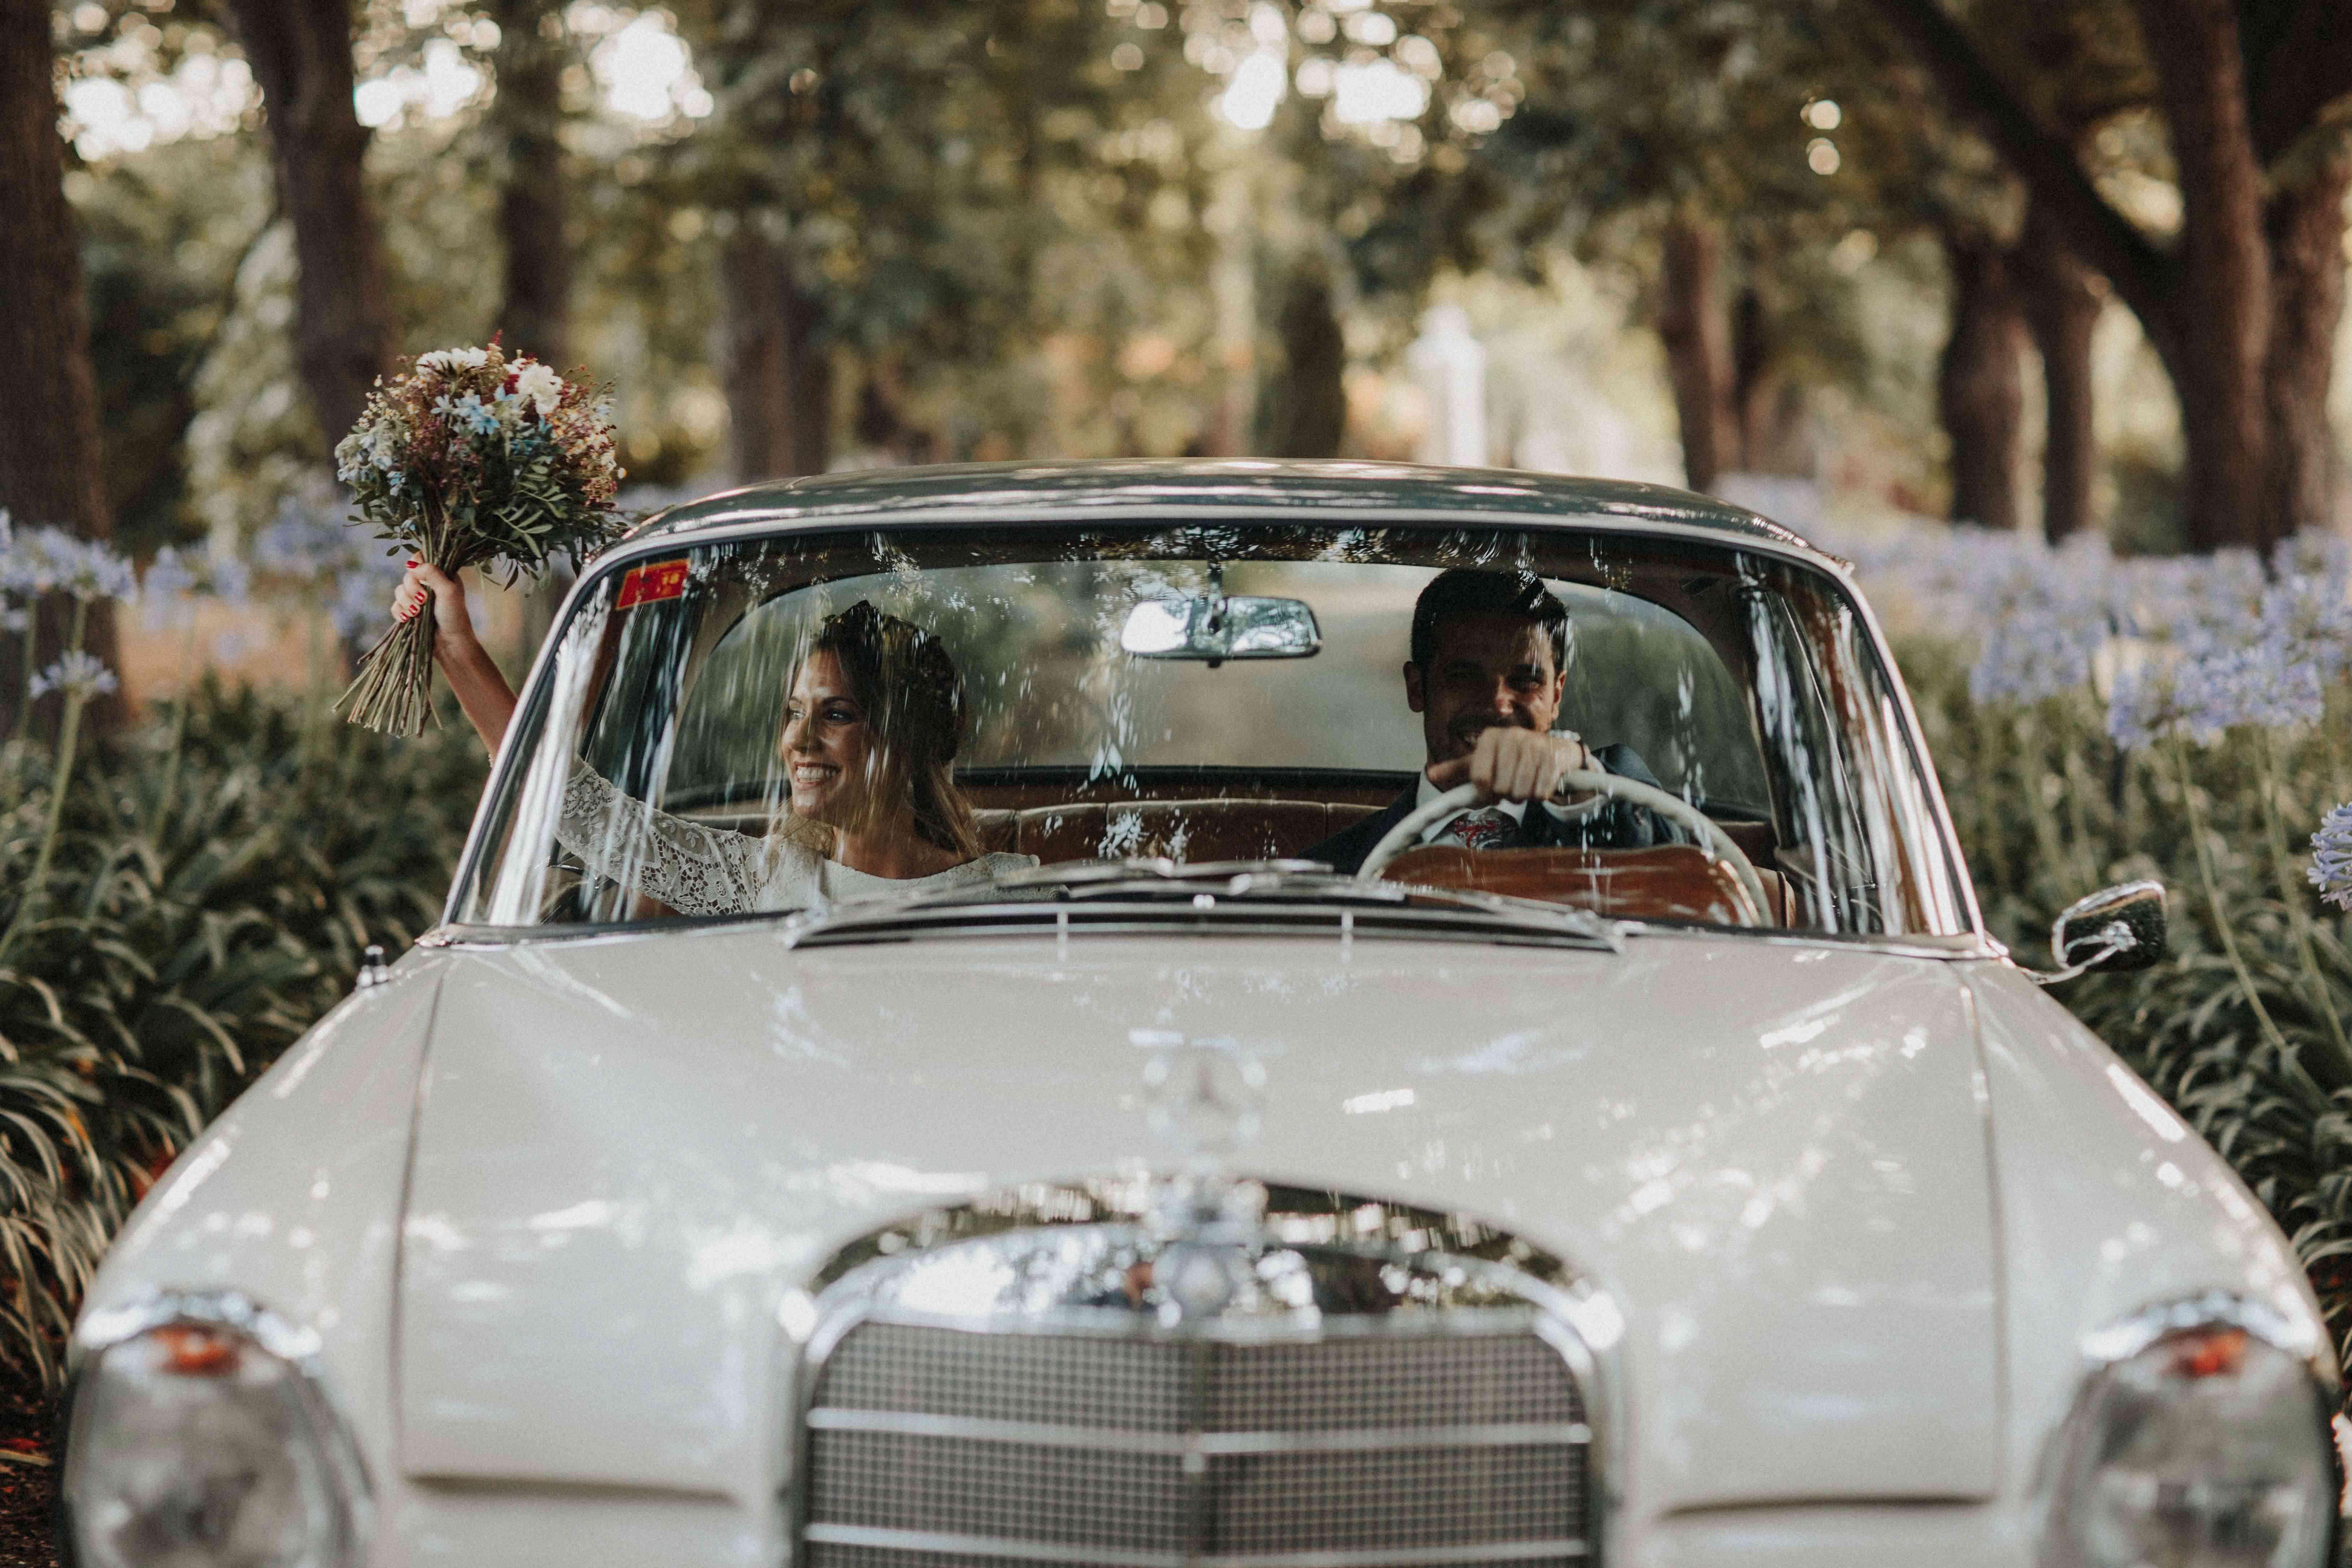 <p>Bride and groom in getaway car</p><br><br>